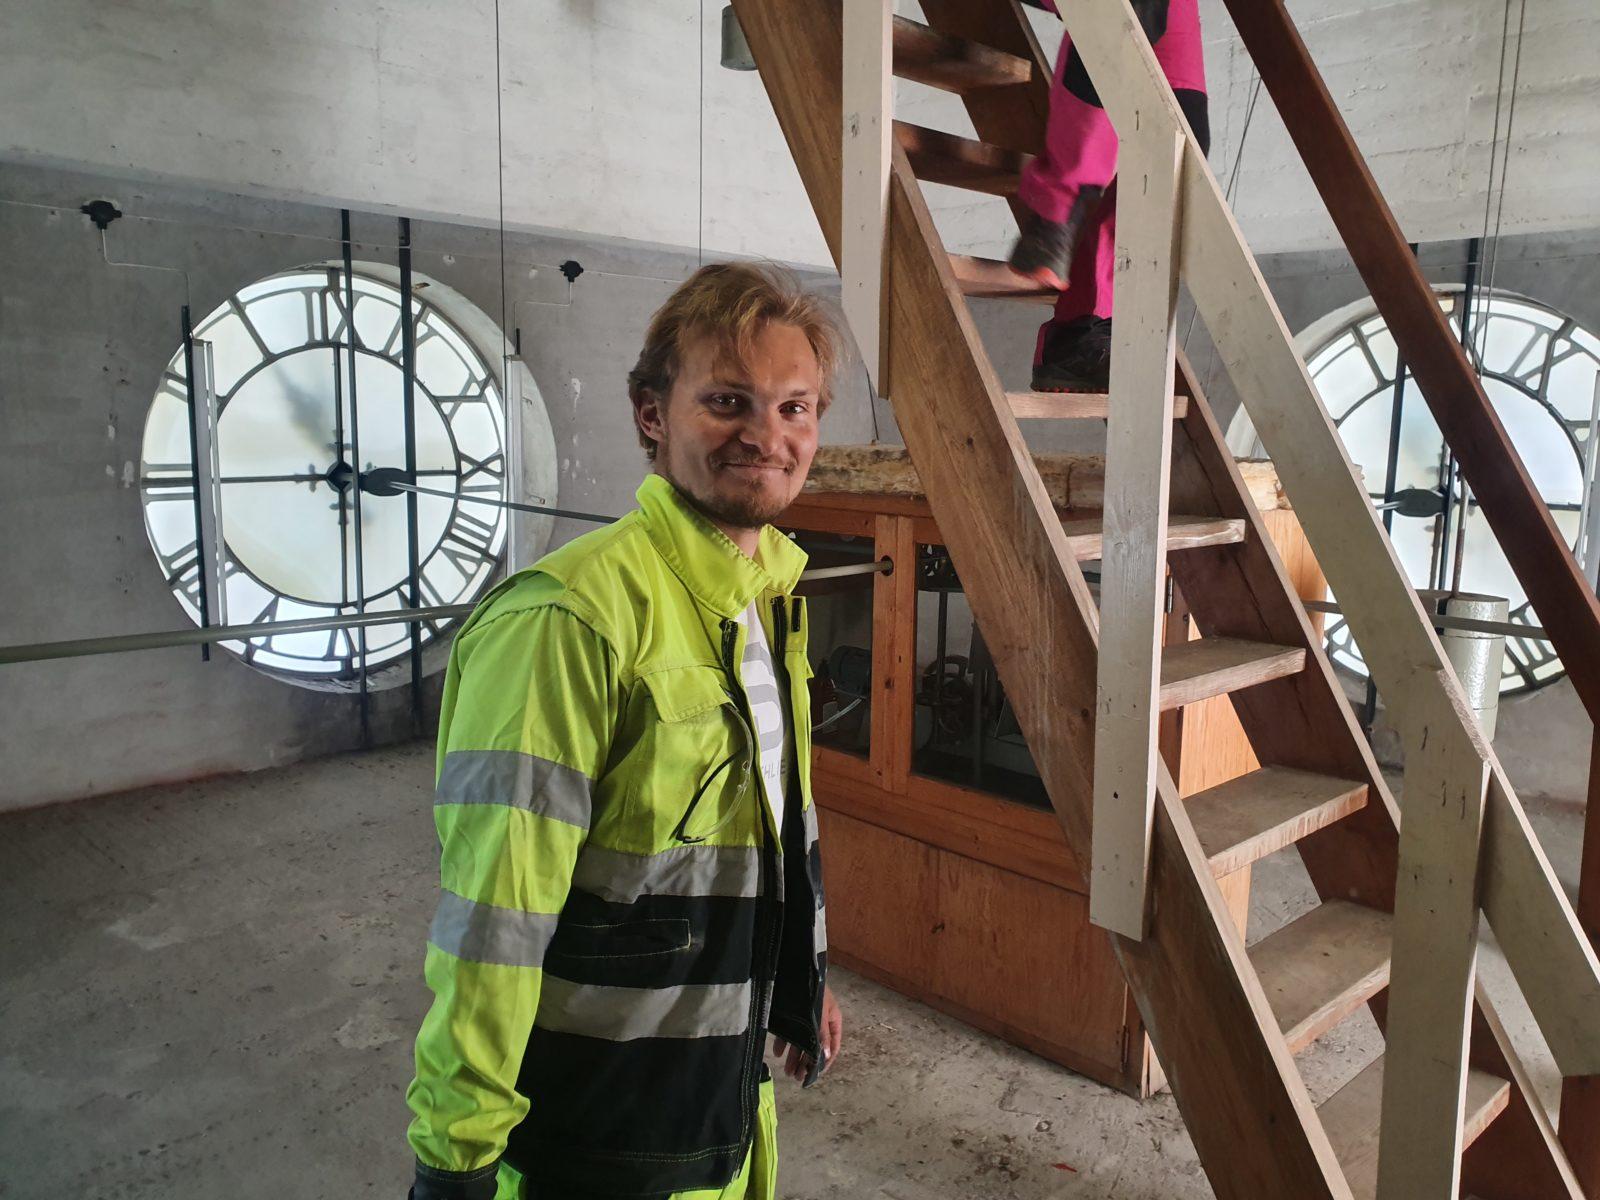 Overvåker Torvbyen